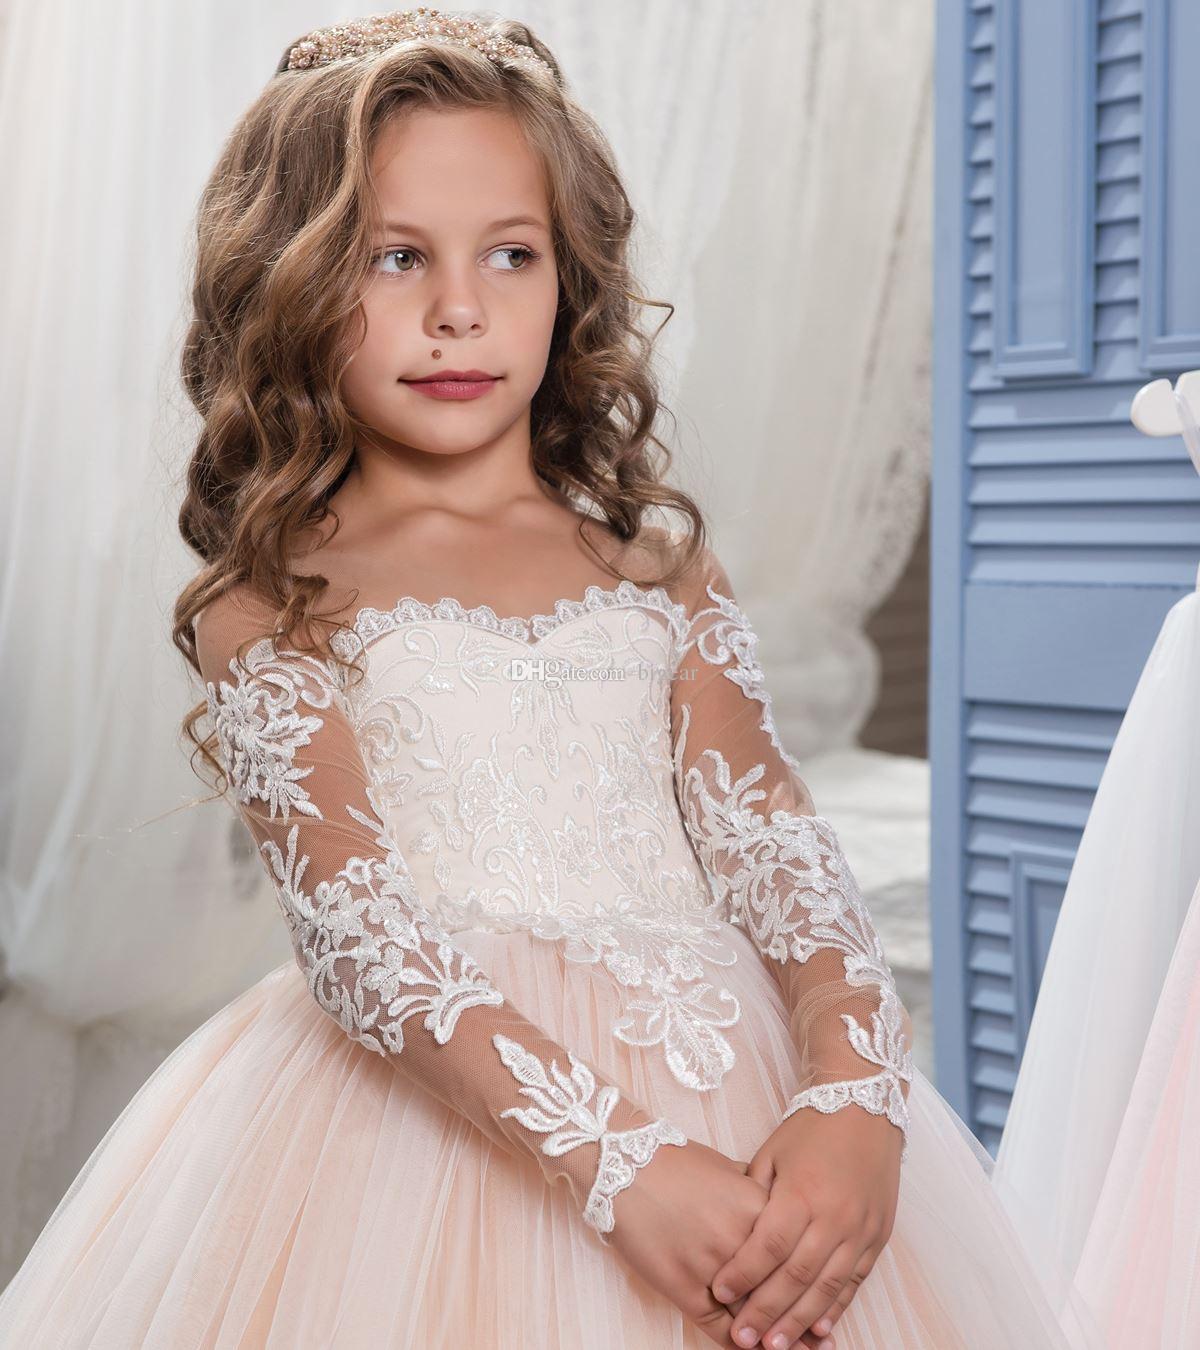 Vestido de niña de flores de tul con encaje y rubor en color marfil con mangas largas